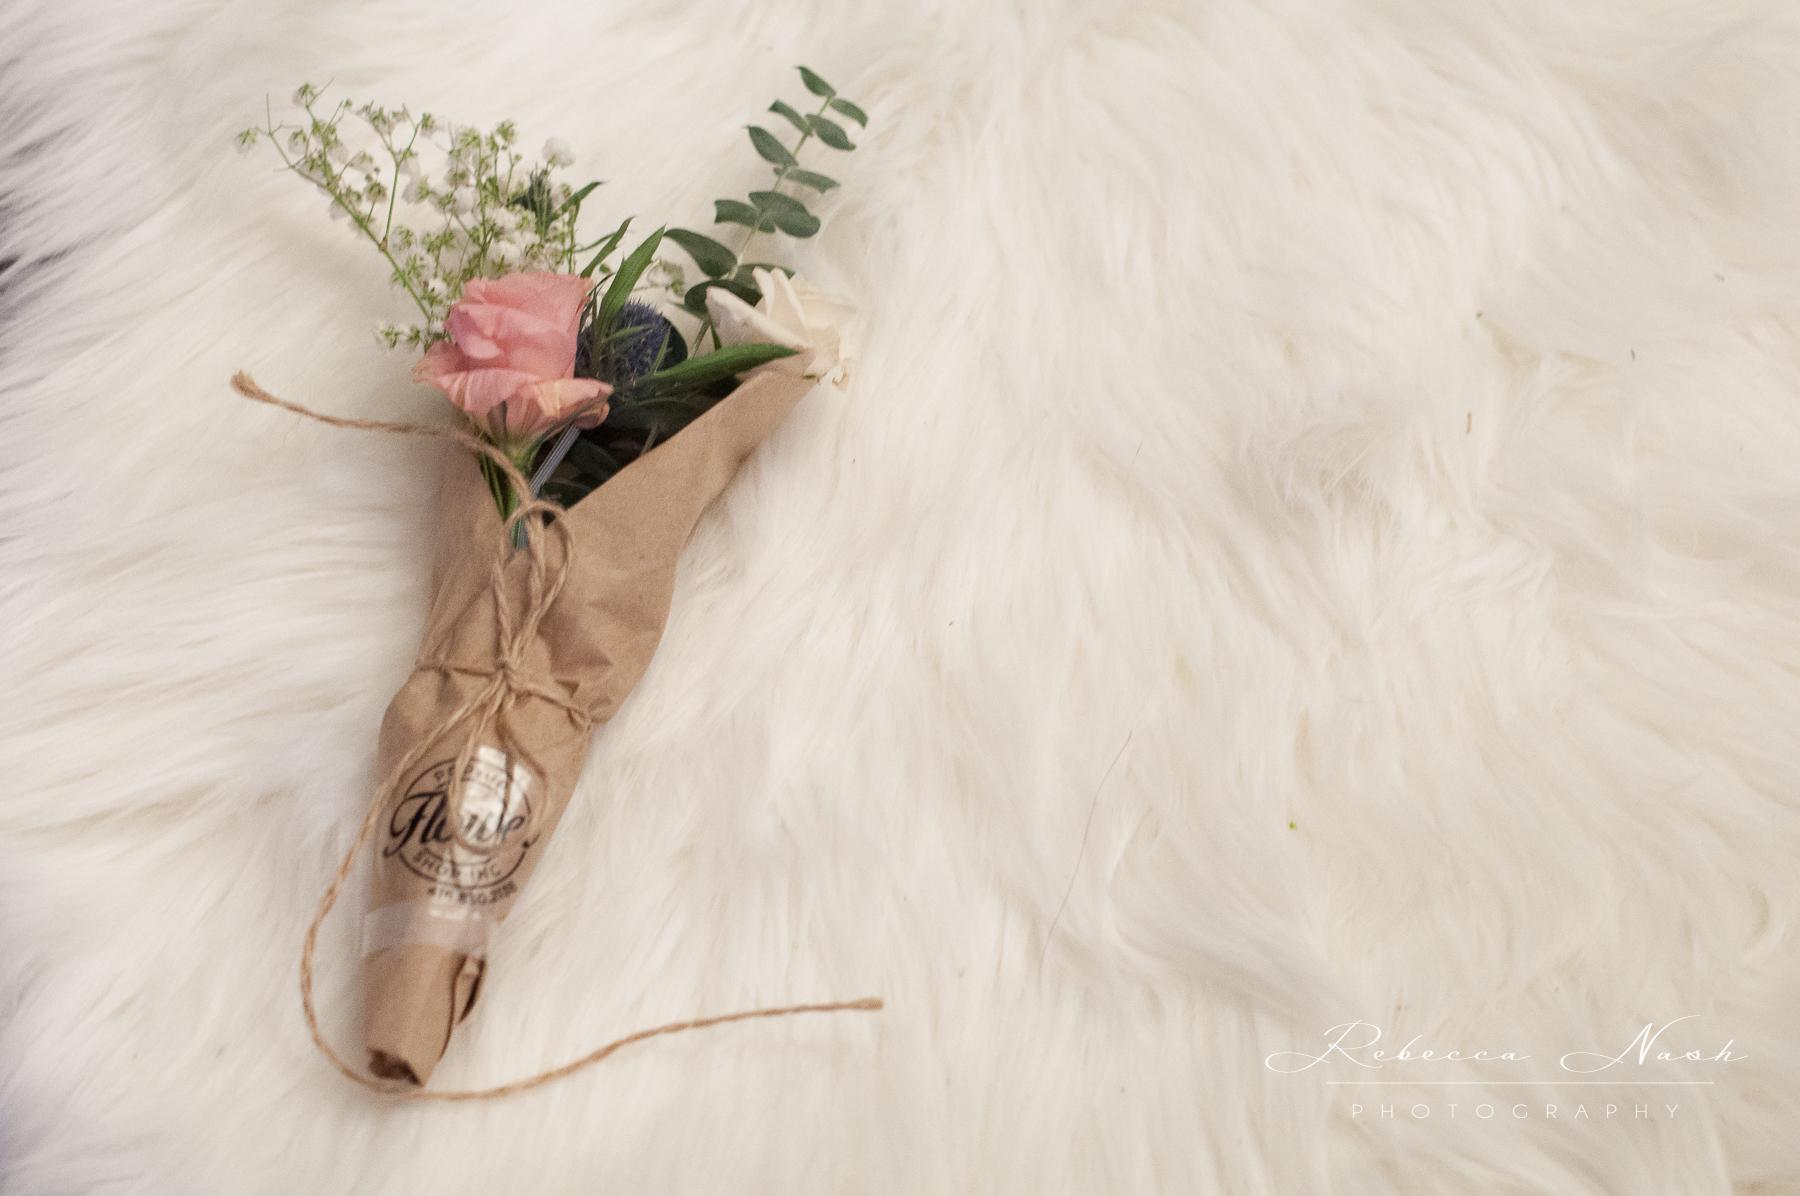 Wedluxe Industry Night - London Wedding Photographer  Rebecca Nash Photography (63 of 79).jpg